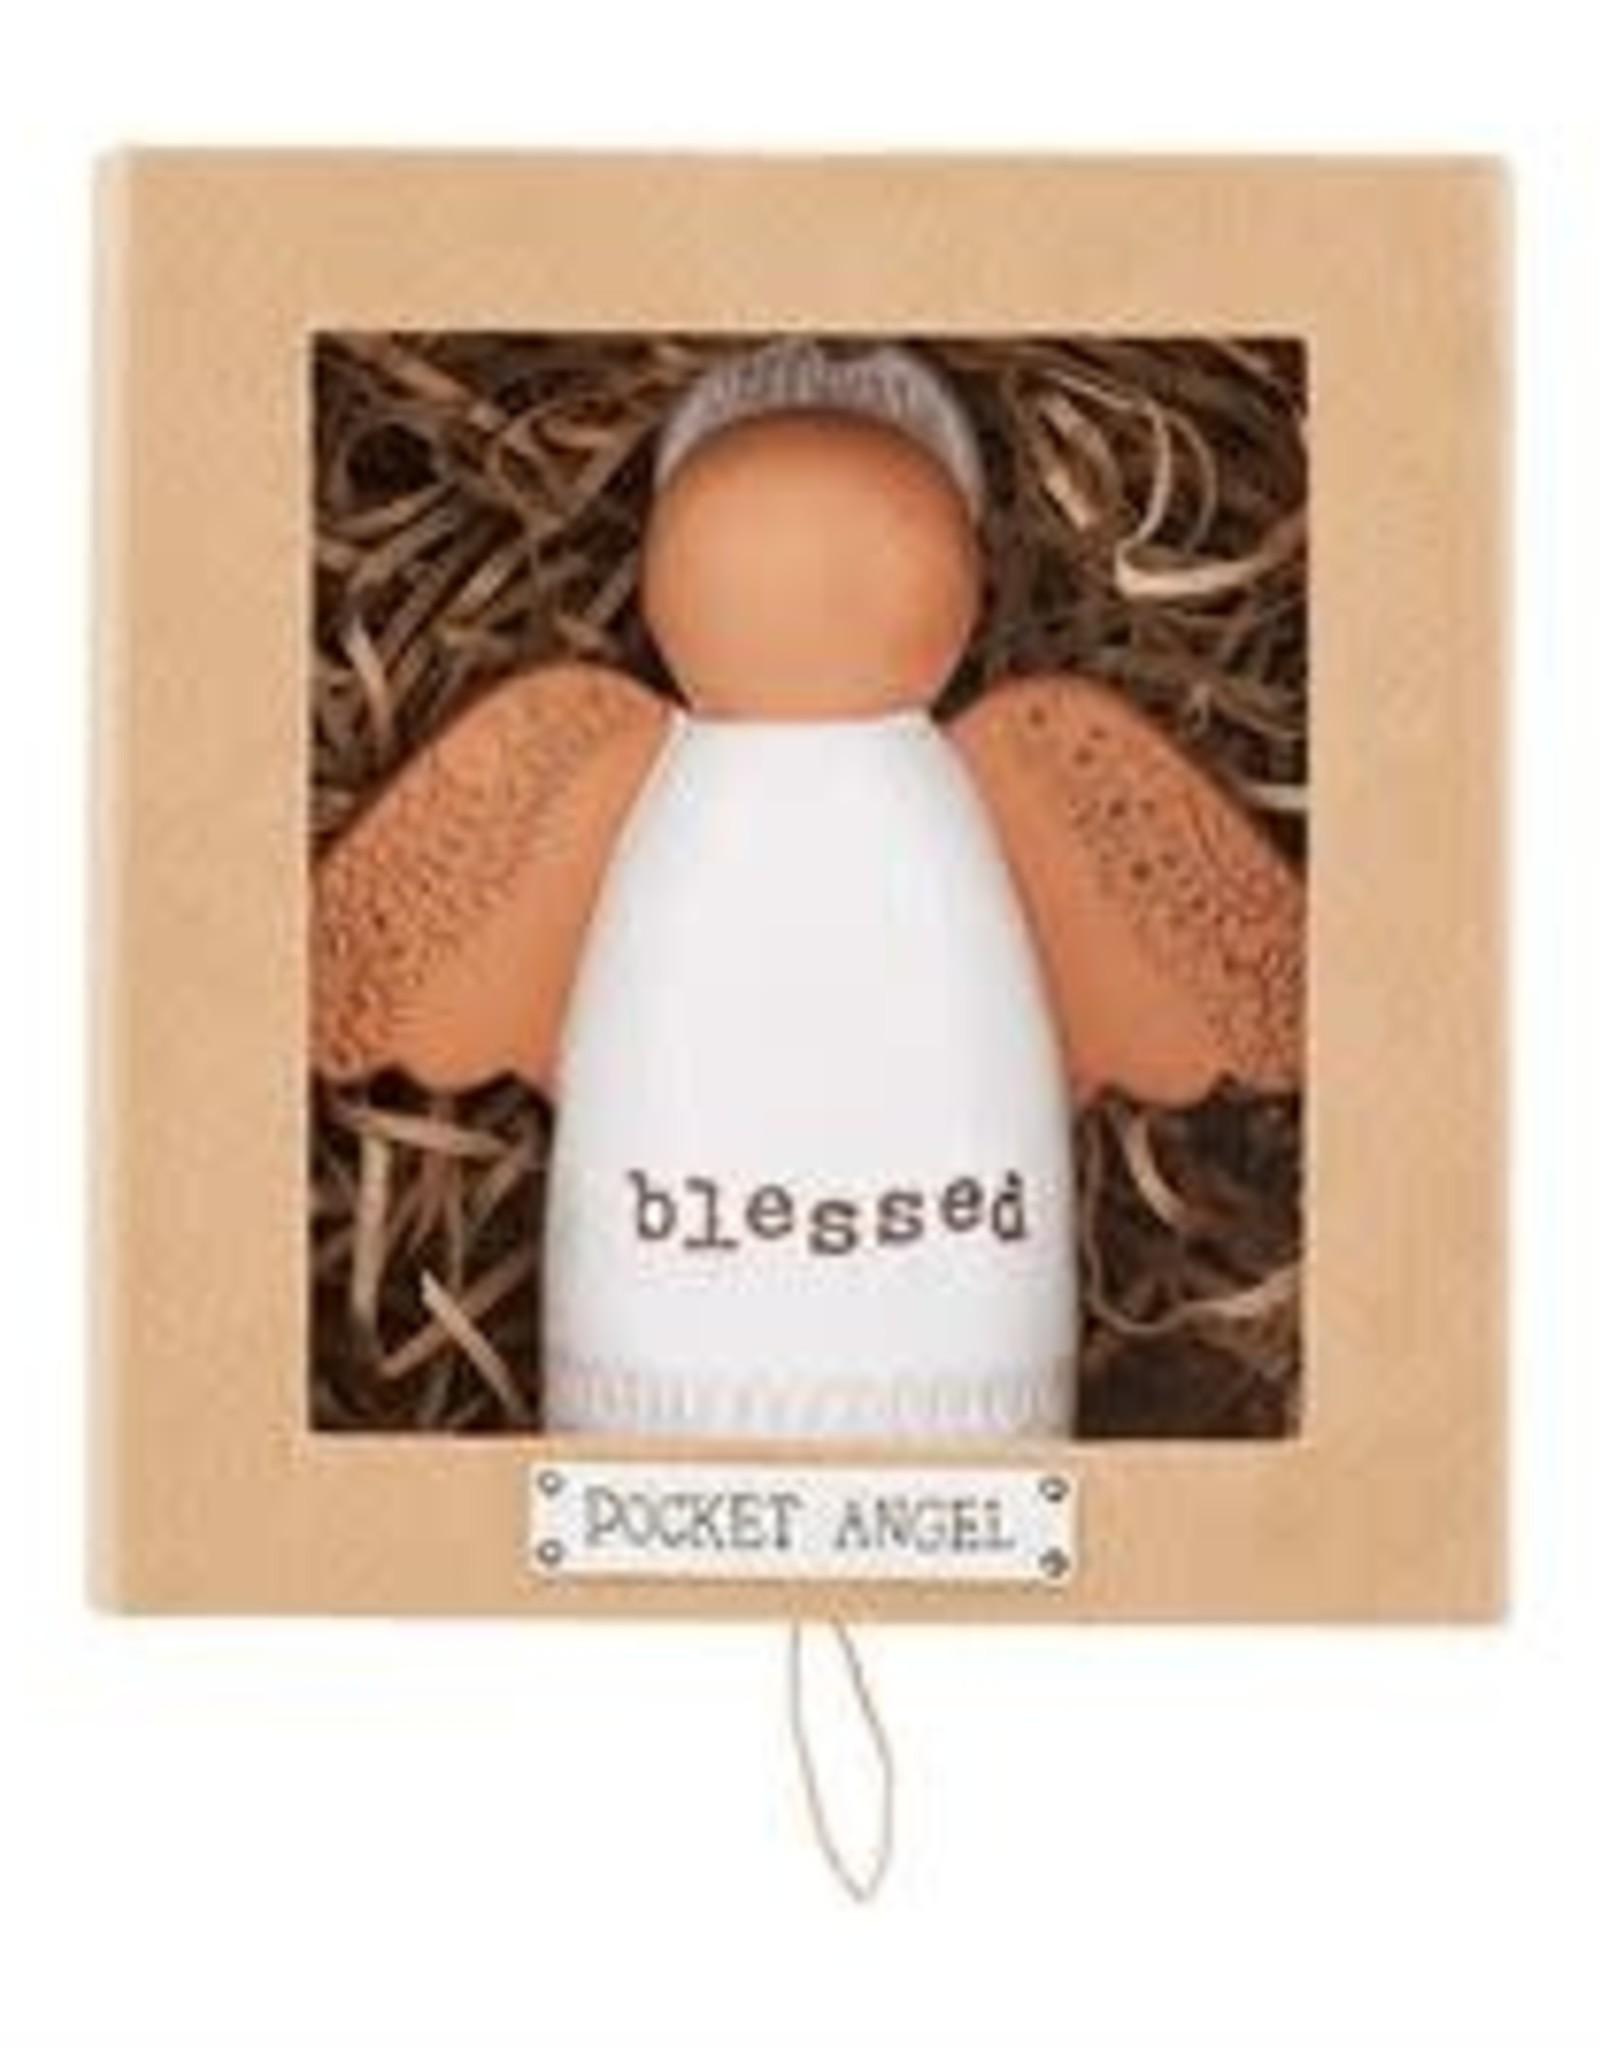 Wink Blessed Pocket Angel